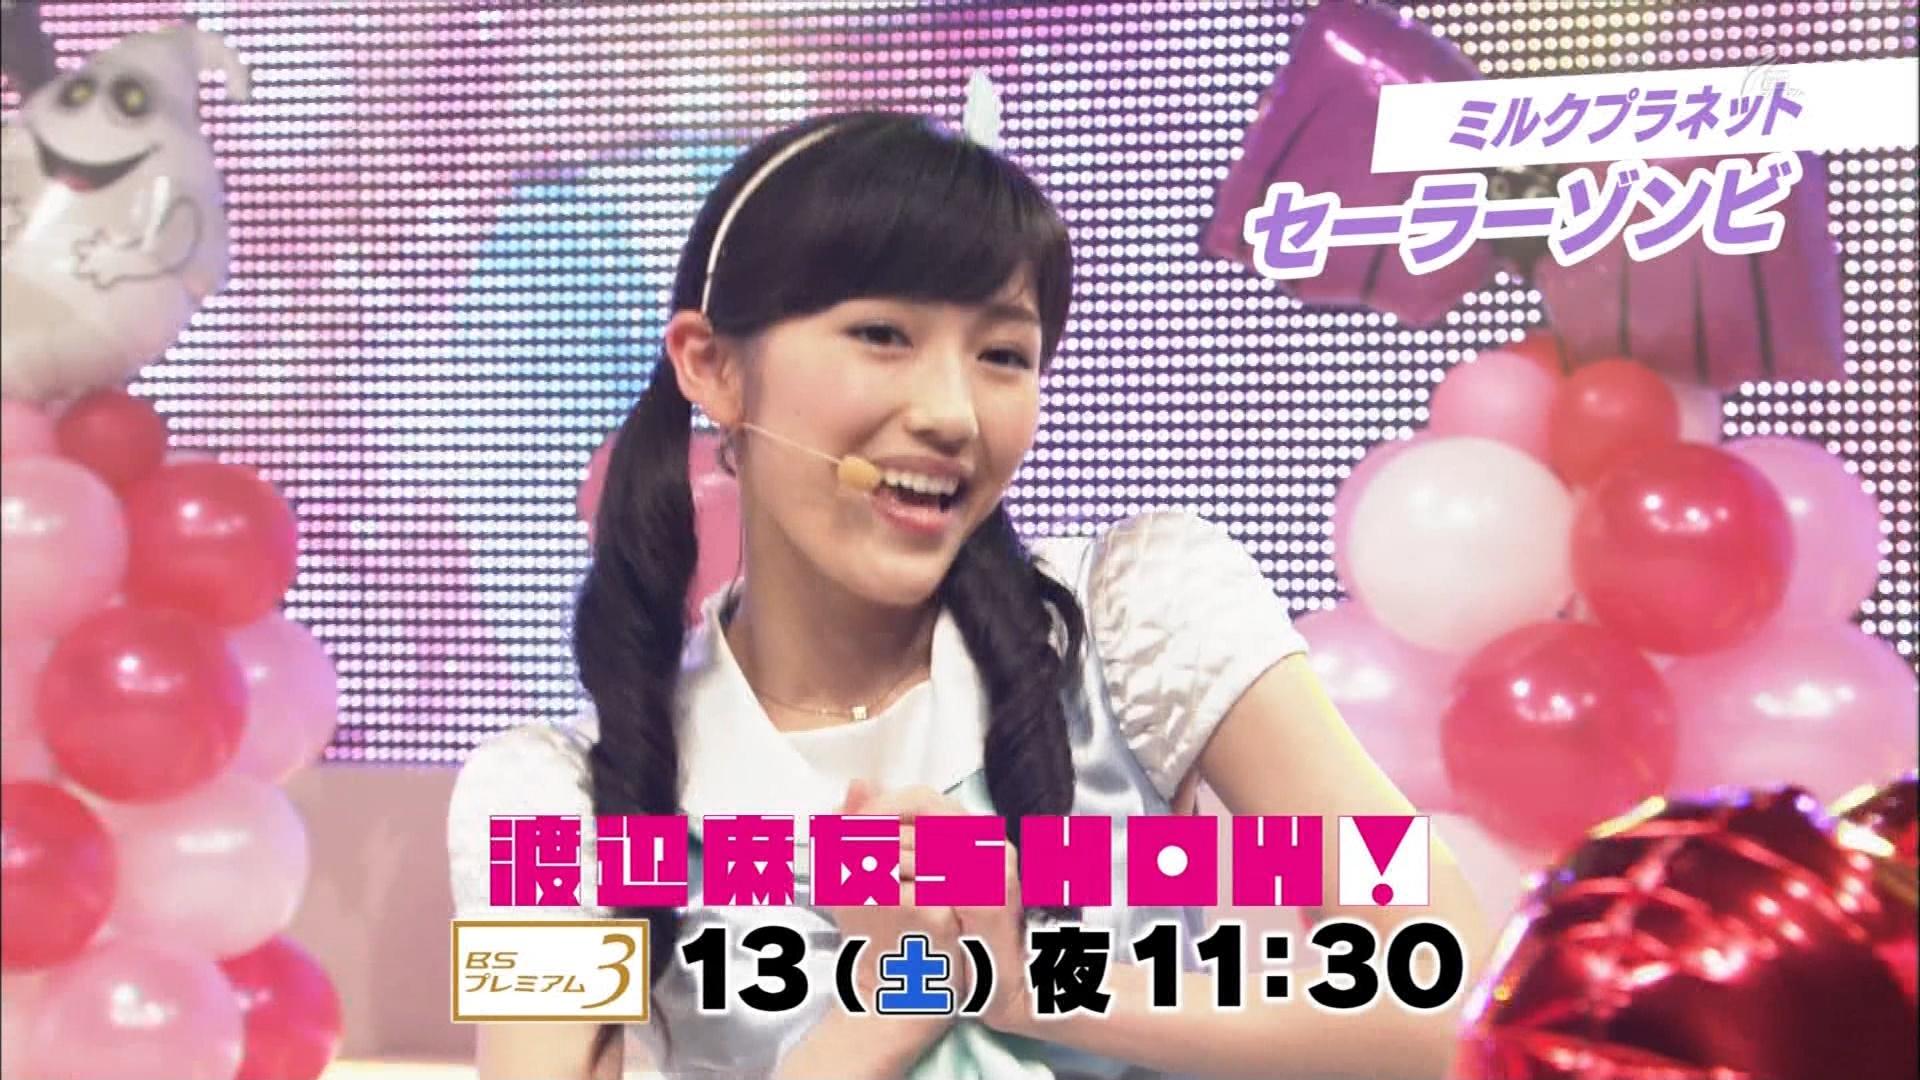 渡辺麻友SHOW!予告 AKB48SHOW! 20140906 (15)